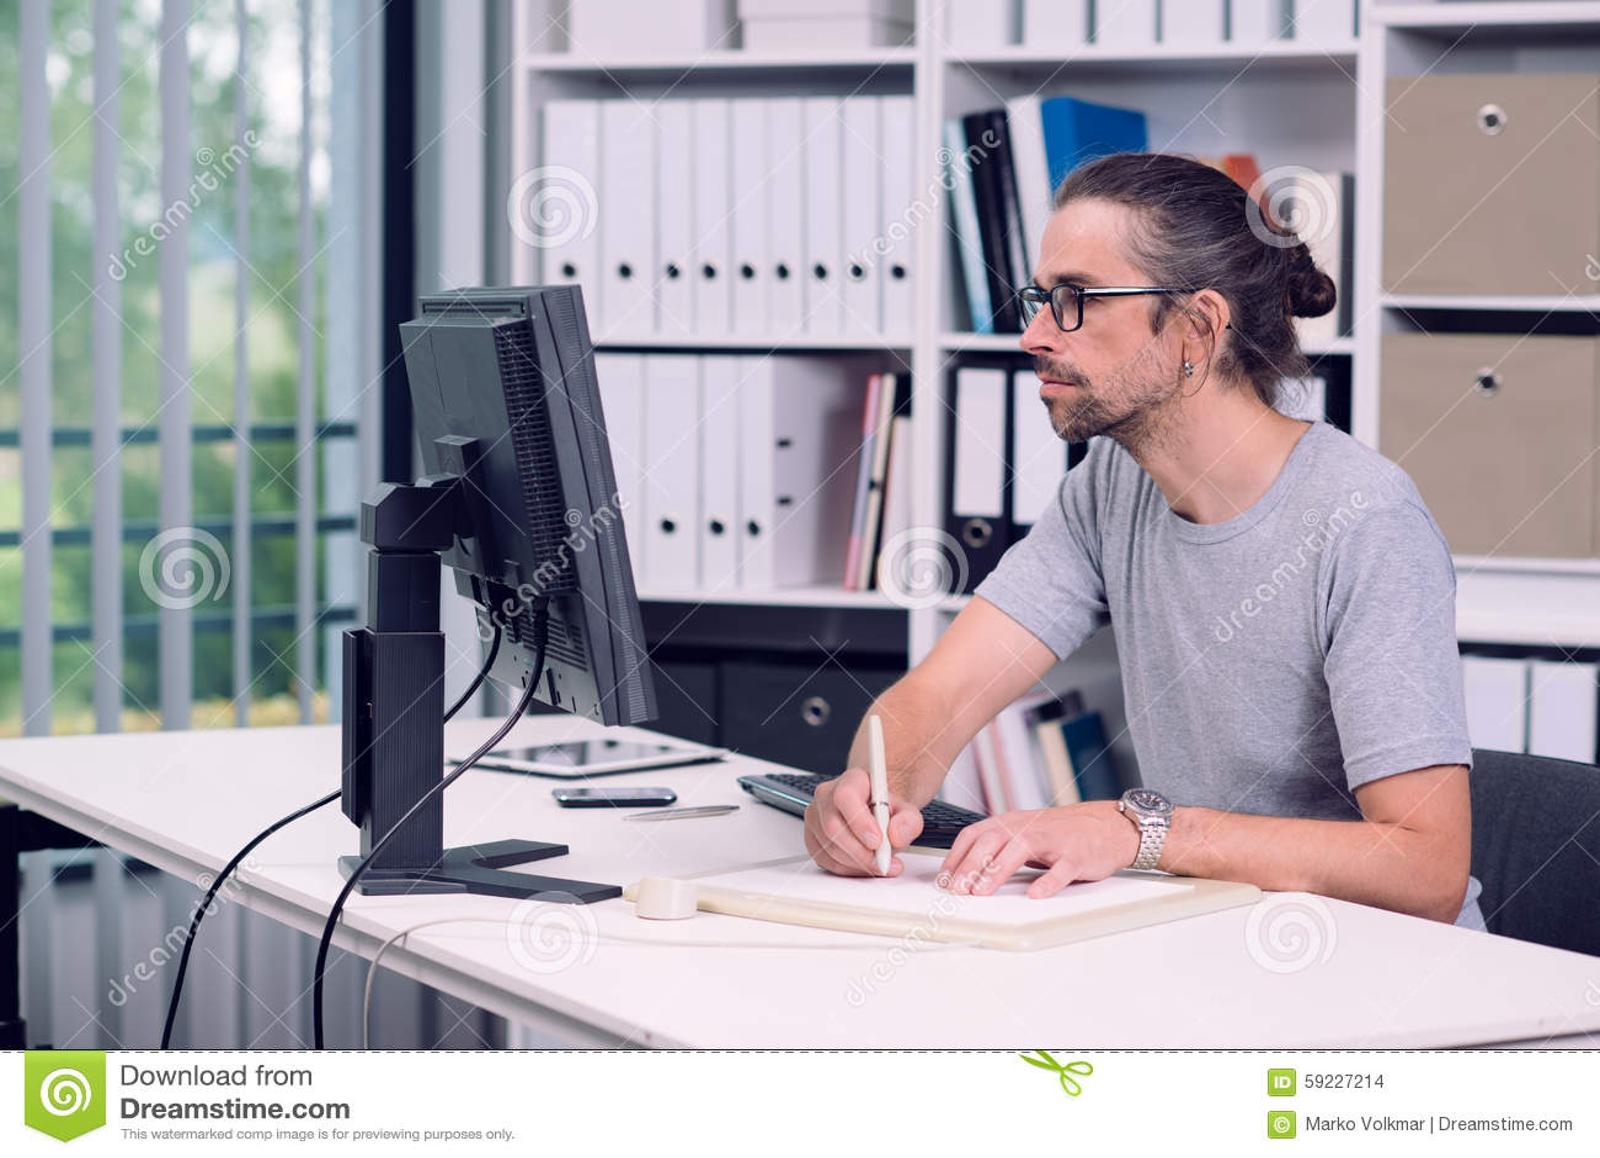 Download El Hombre Está Trabajando En Su Oficina Foto de archivo - Imagen de trabajo, hombre: 59227214